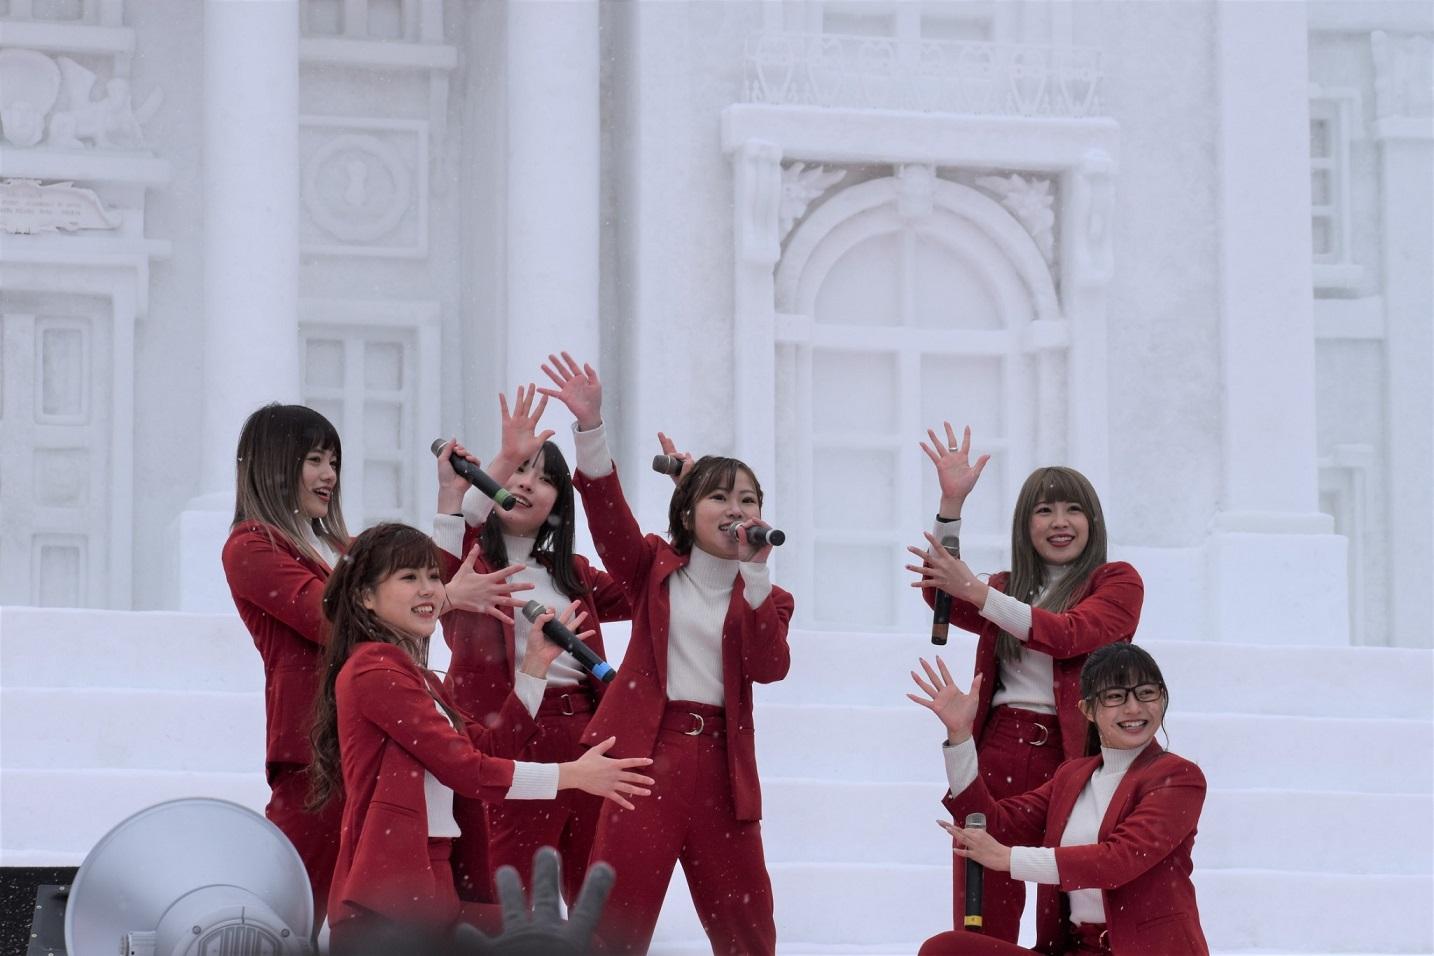 大阪☆春夏秋冬『さっぽろ雪まつり』 に初出演し 圧巻のパフォーマンスを披露サムネイル画像